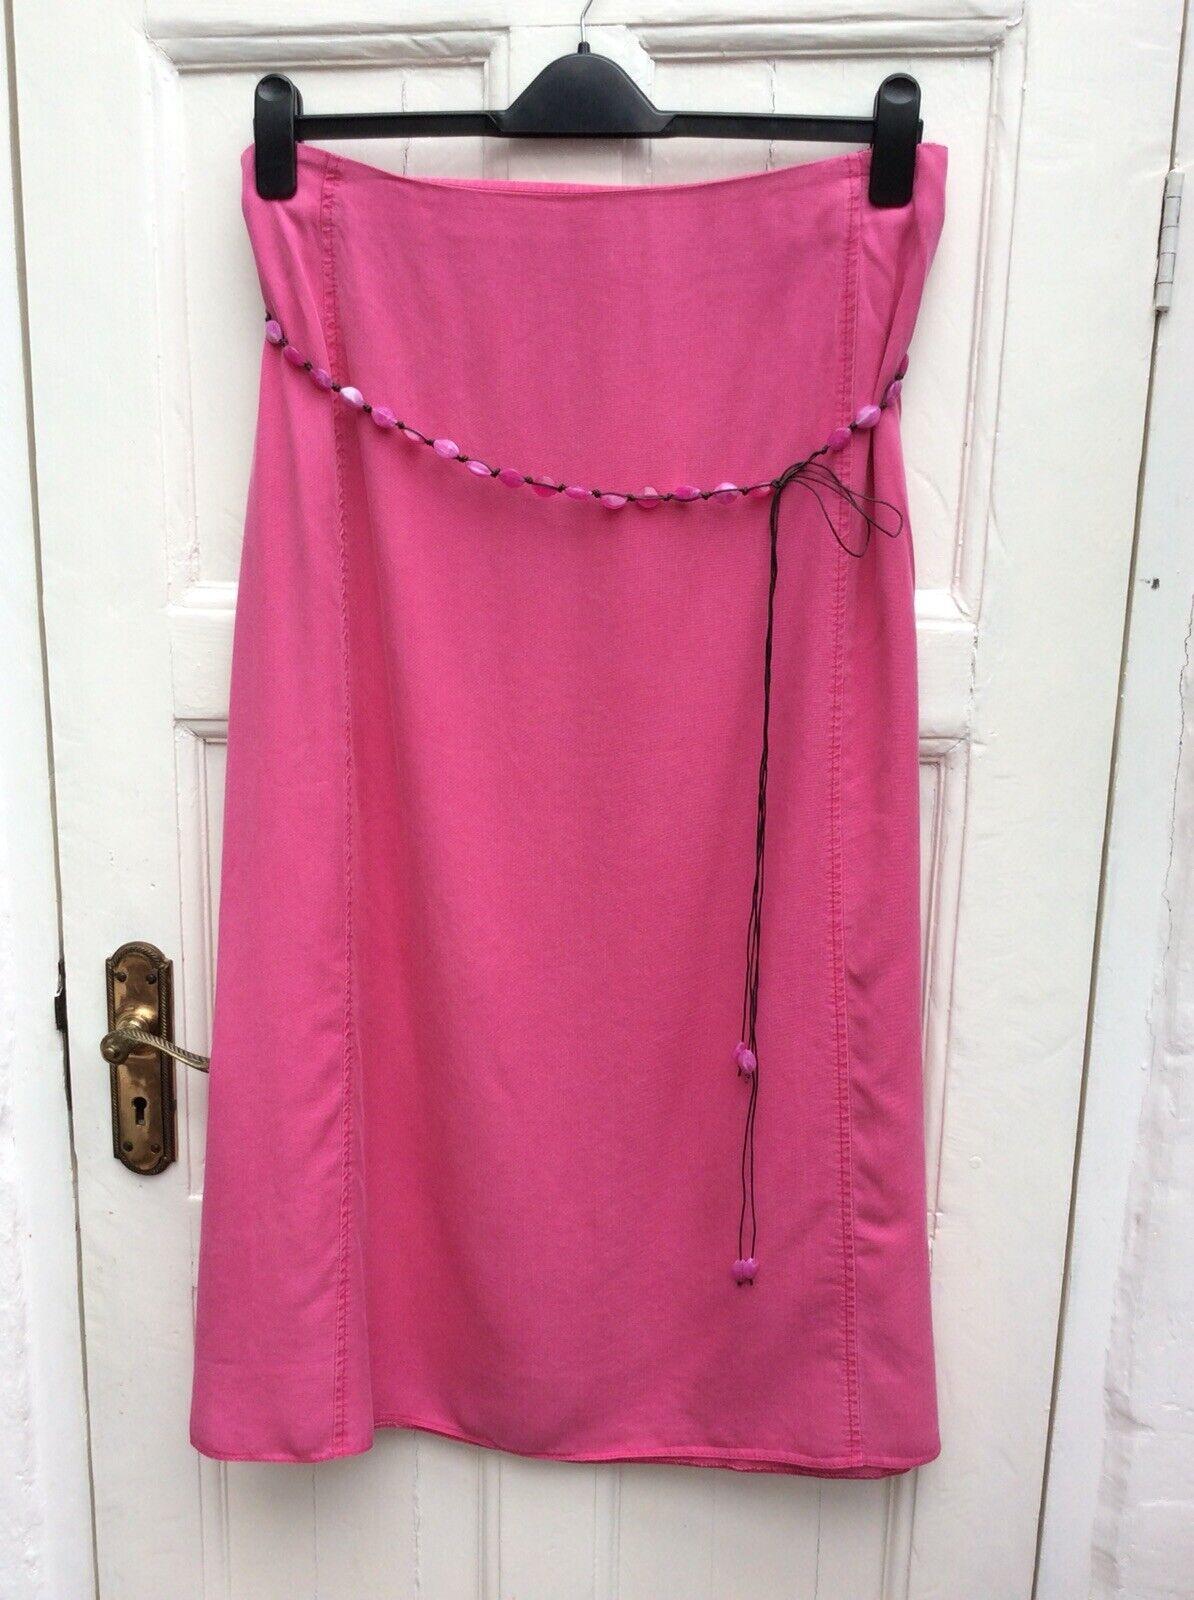 BNWT Ann Harvey Pink Tencel Summer Long Skirt Size 75